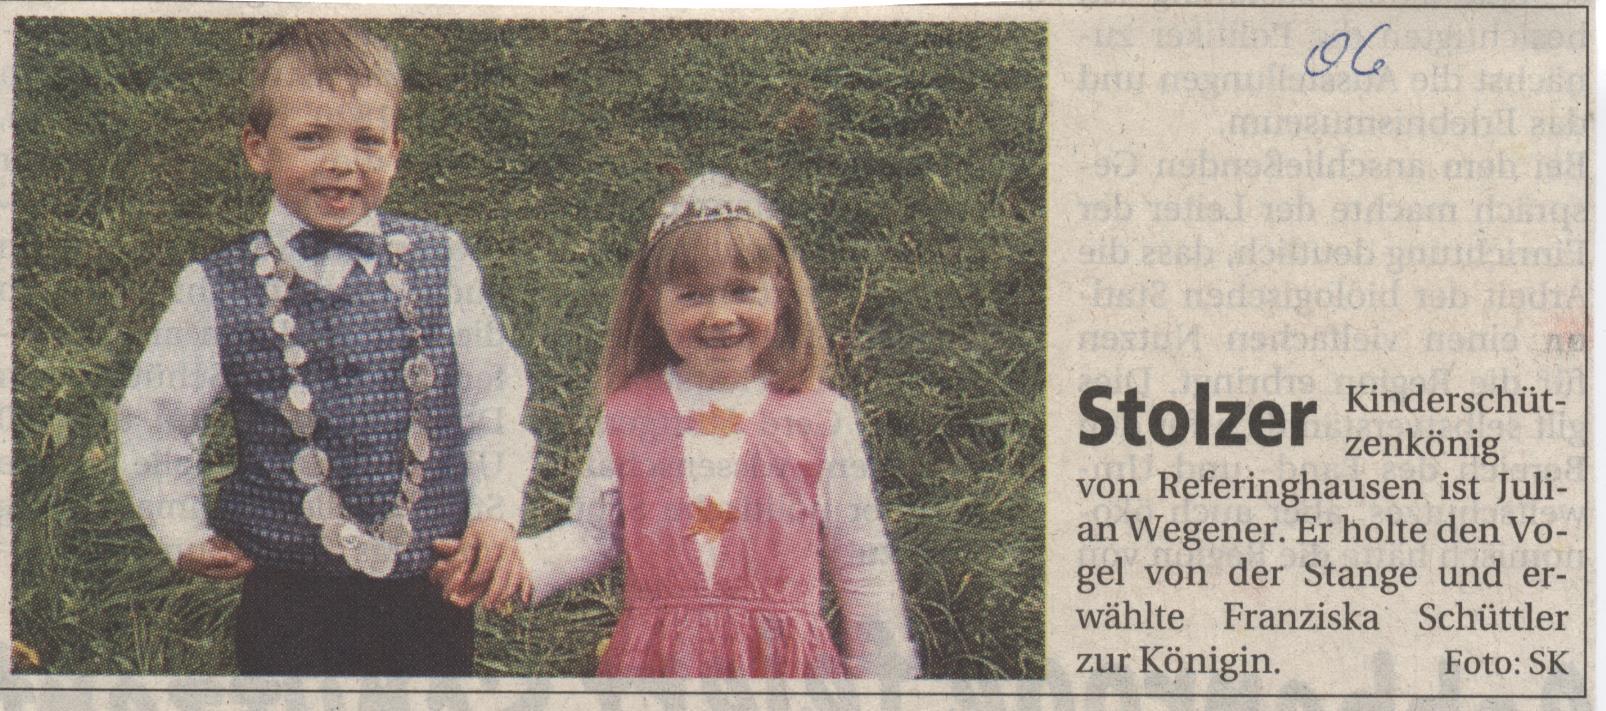 Kinderschützenkönigspaar Julian und Franziska